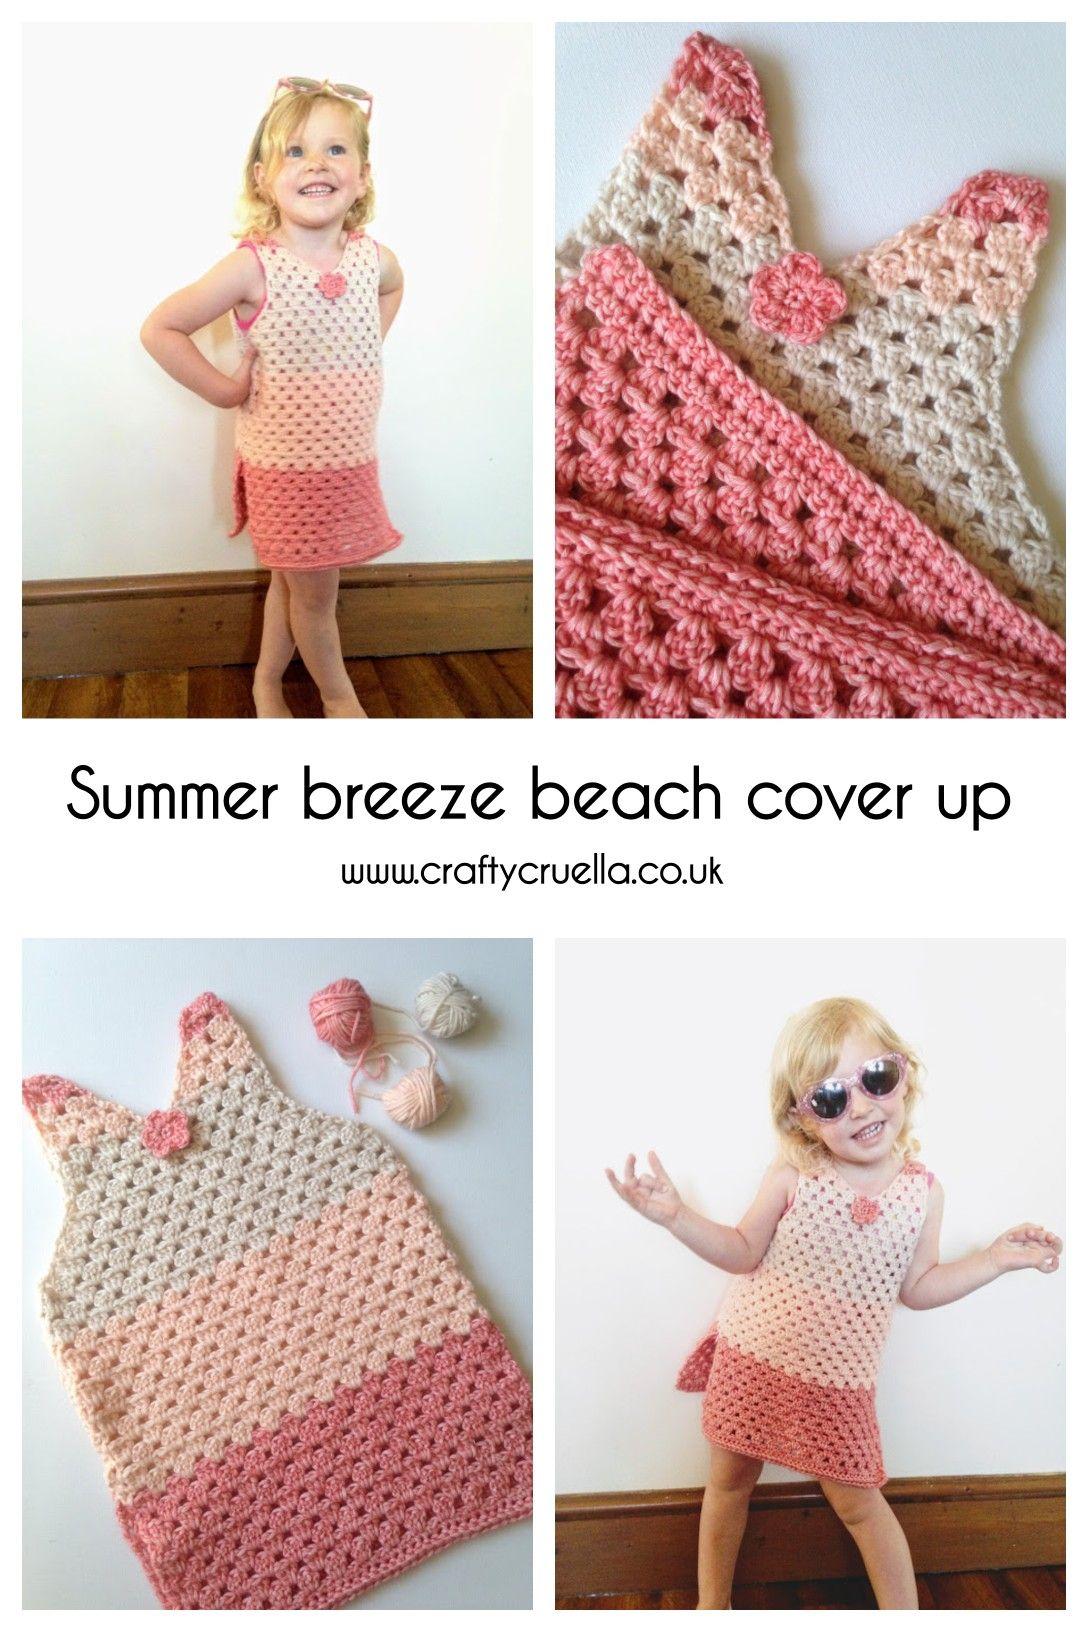 Summer Breeze Beach Cover Up Crochet Pattern Crafty Cruella Crochet Toddler Crochet Summer Tops Summer Crochet